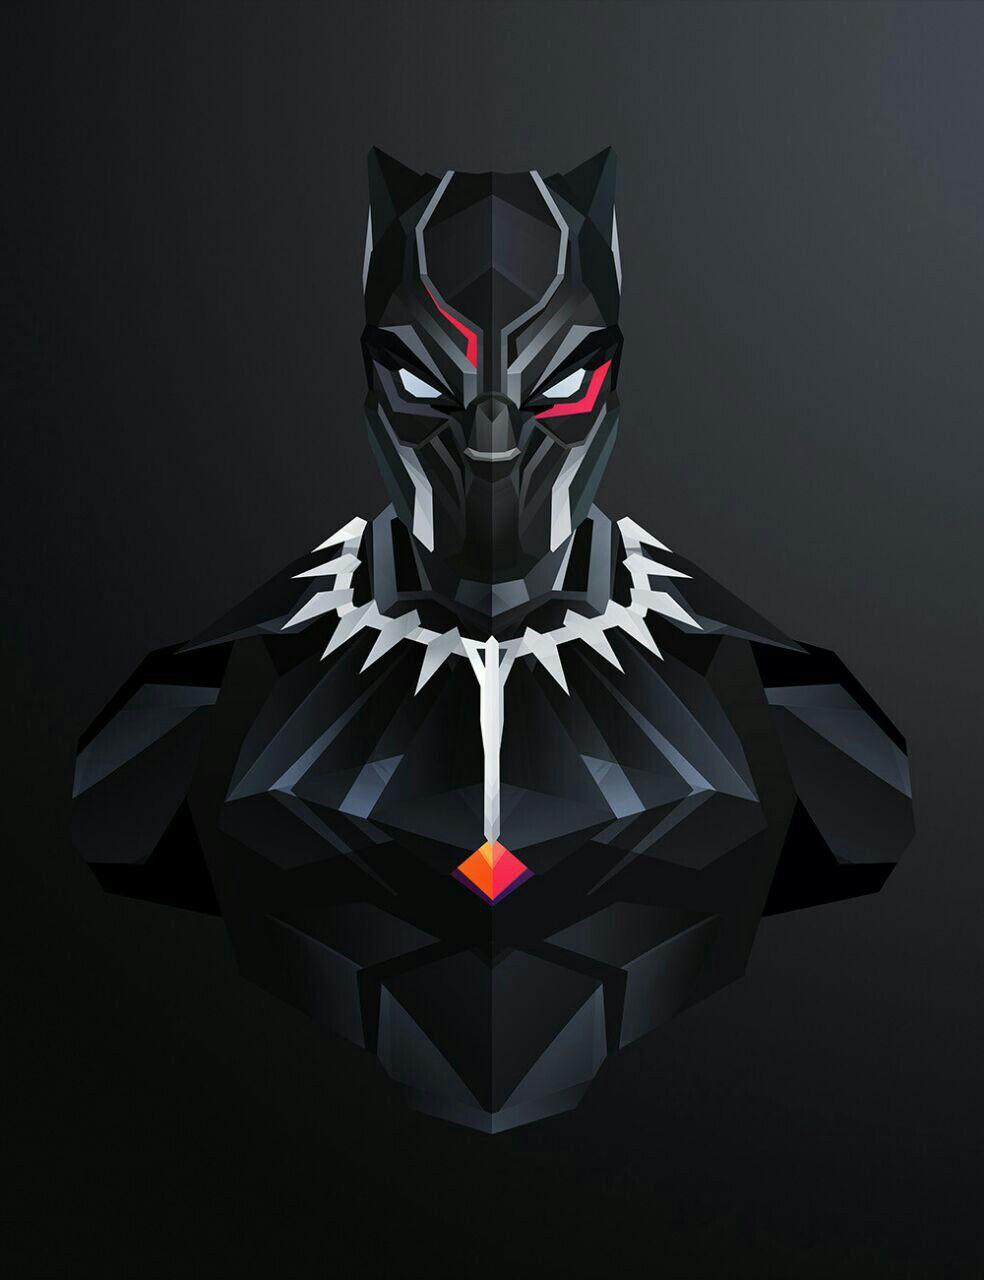 Pin de Esteban99 en SUPERHERO Pantera negra de marvel